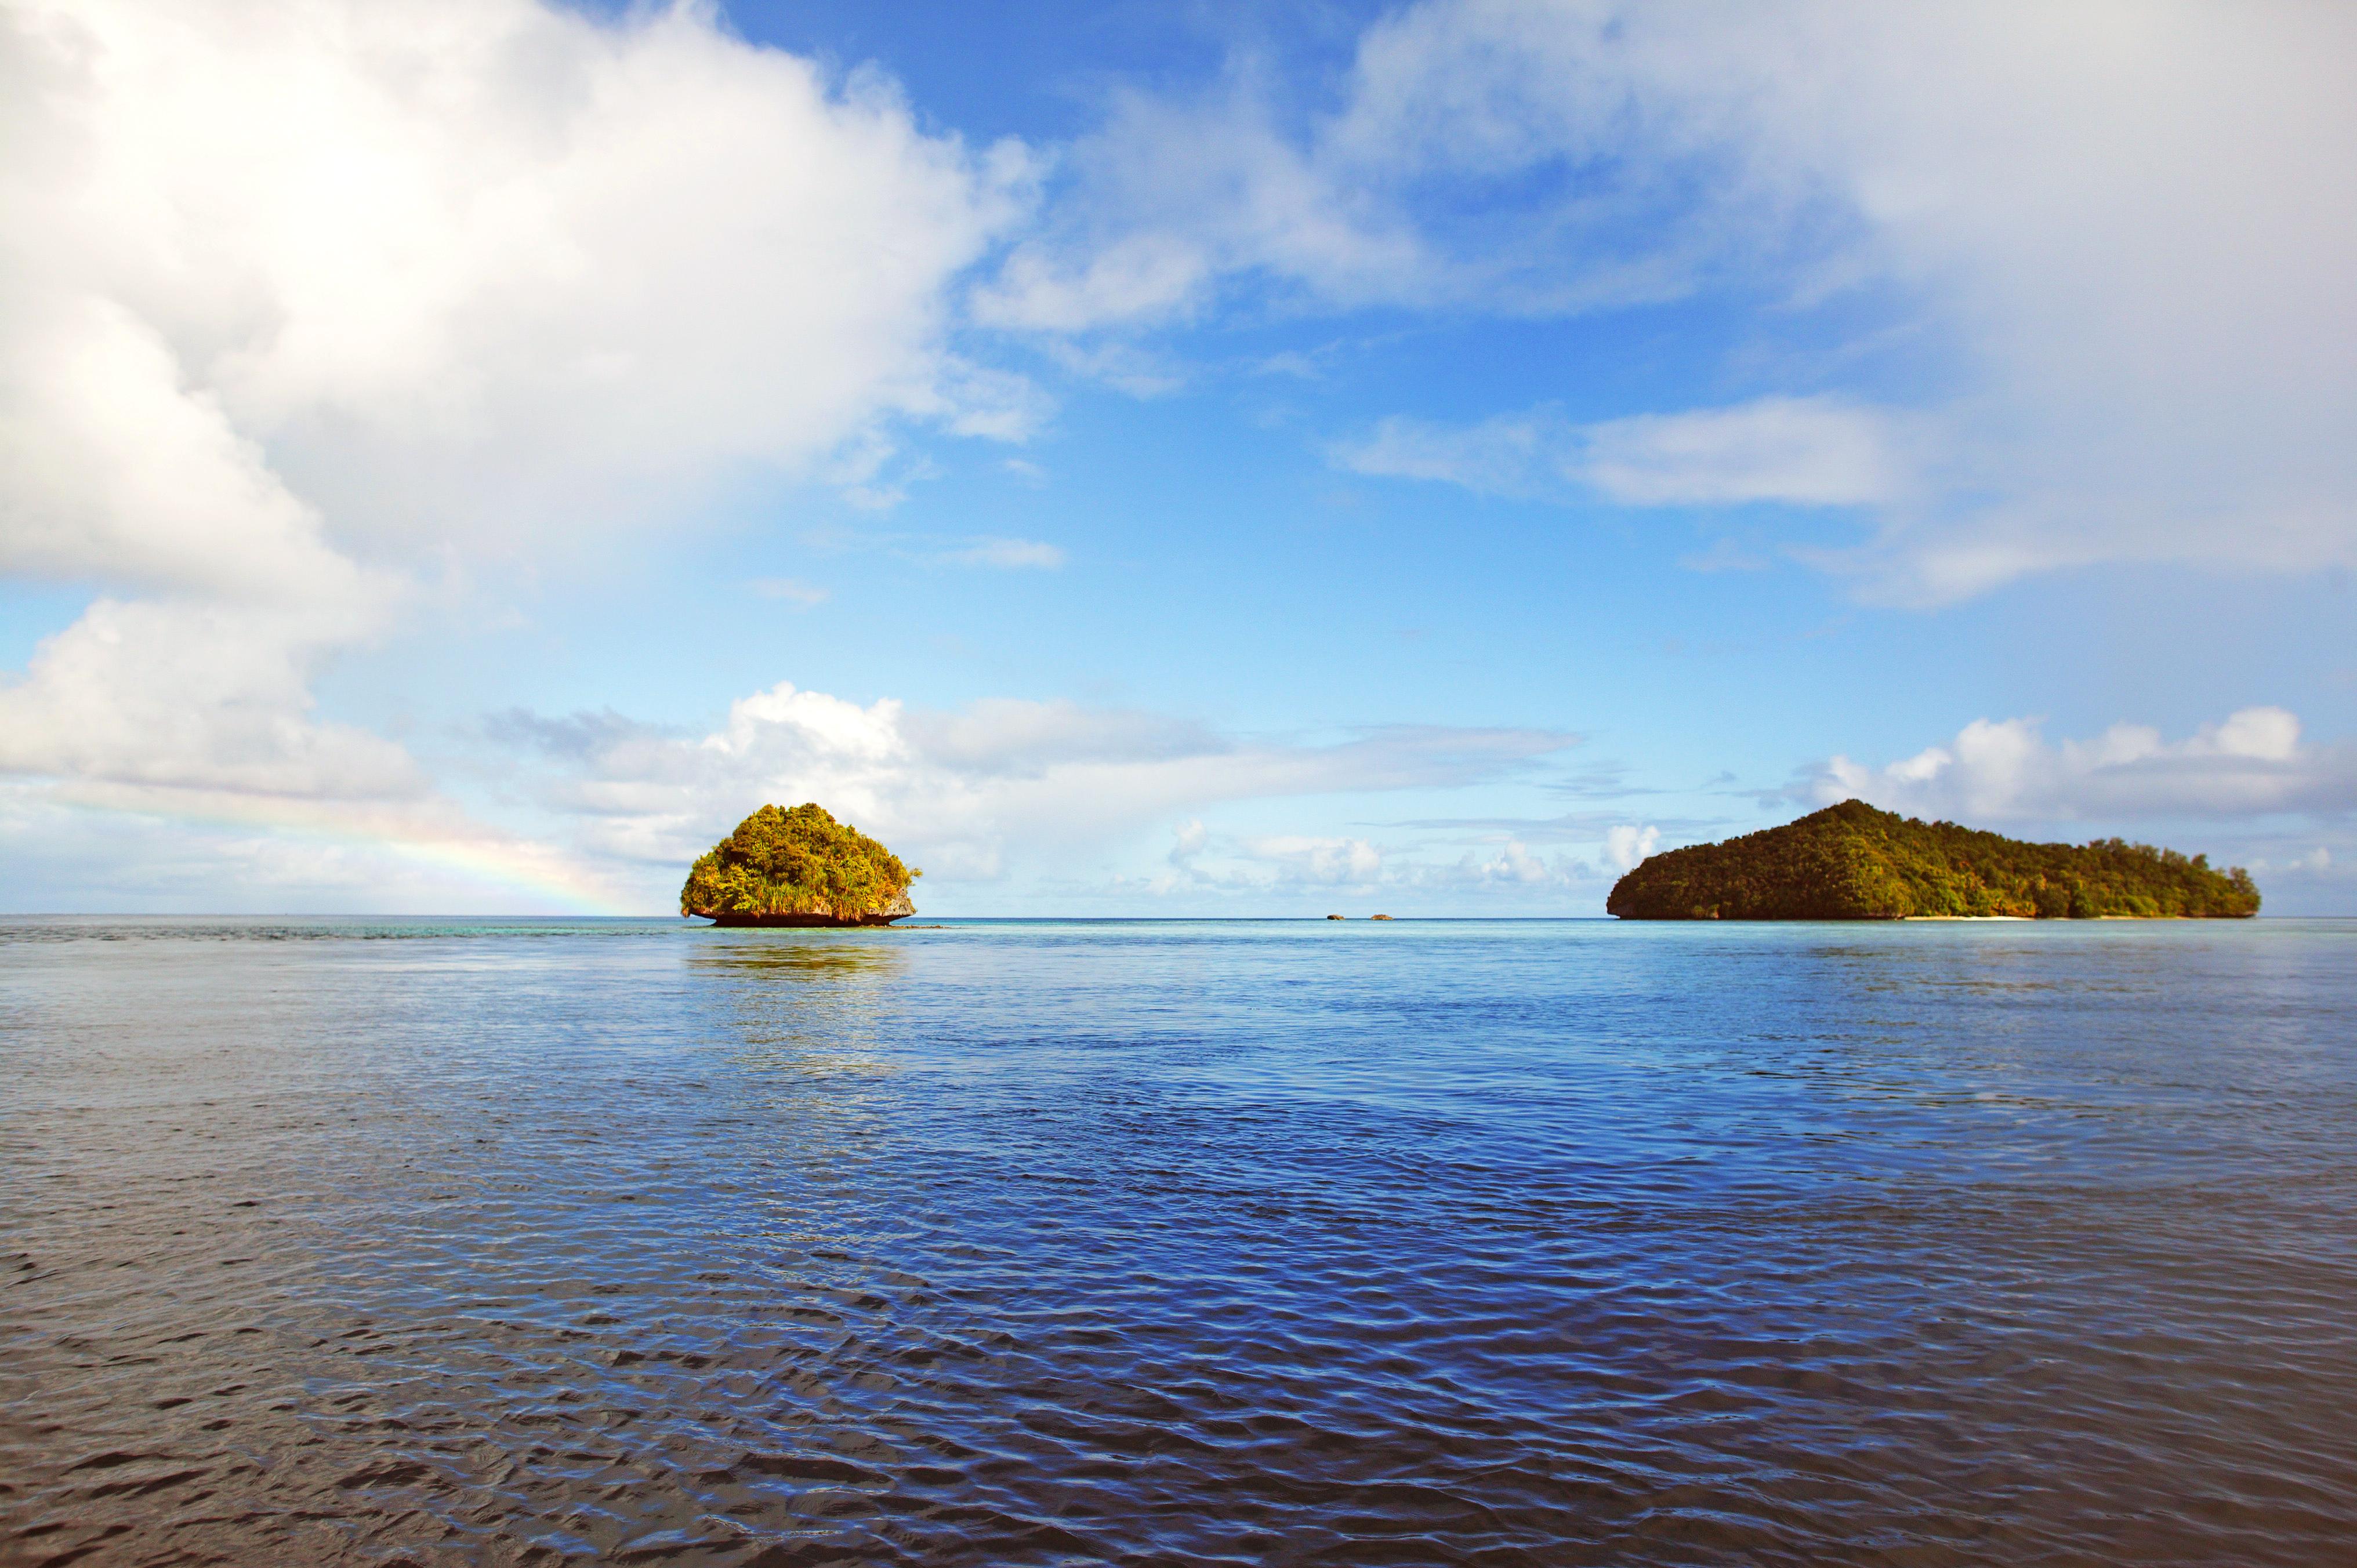 пейзаж, море, острова